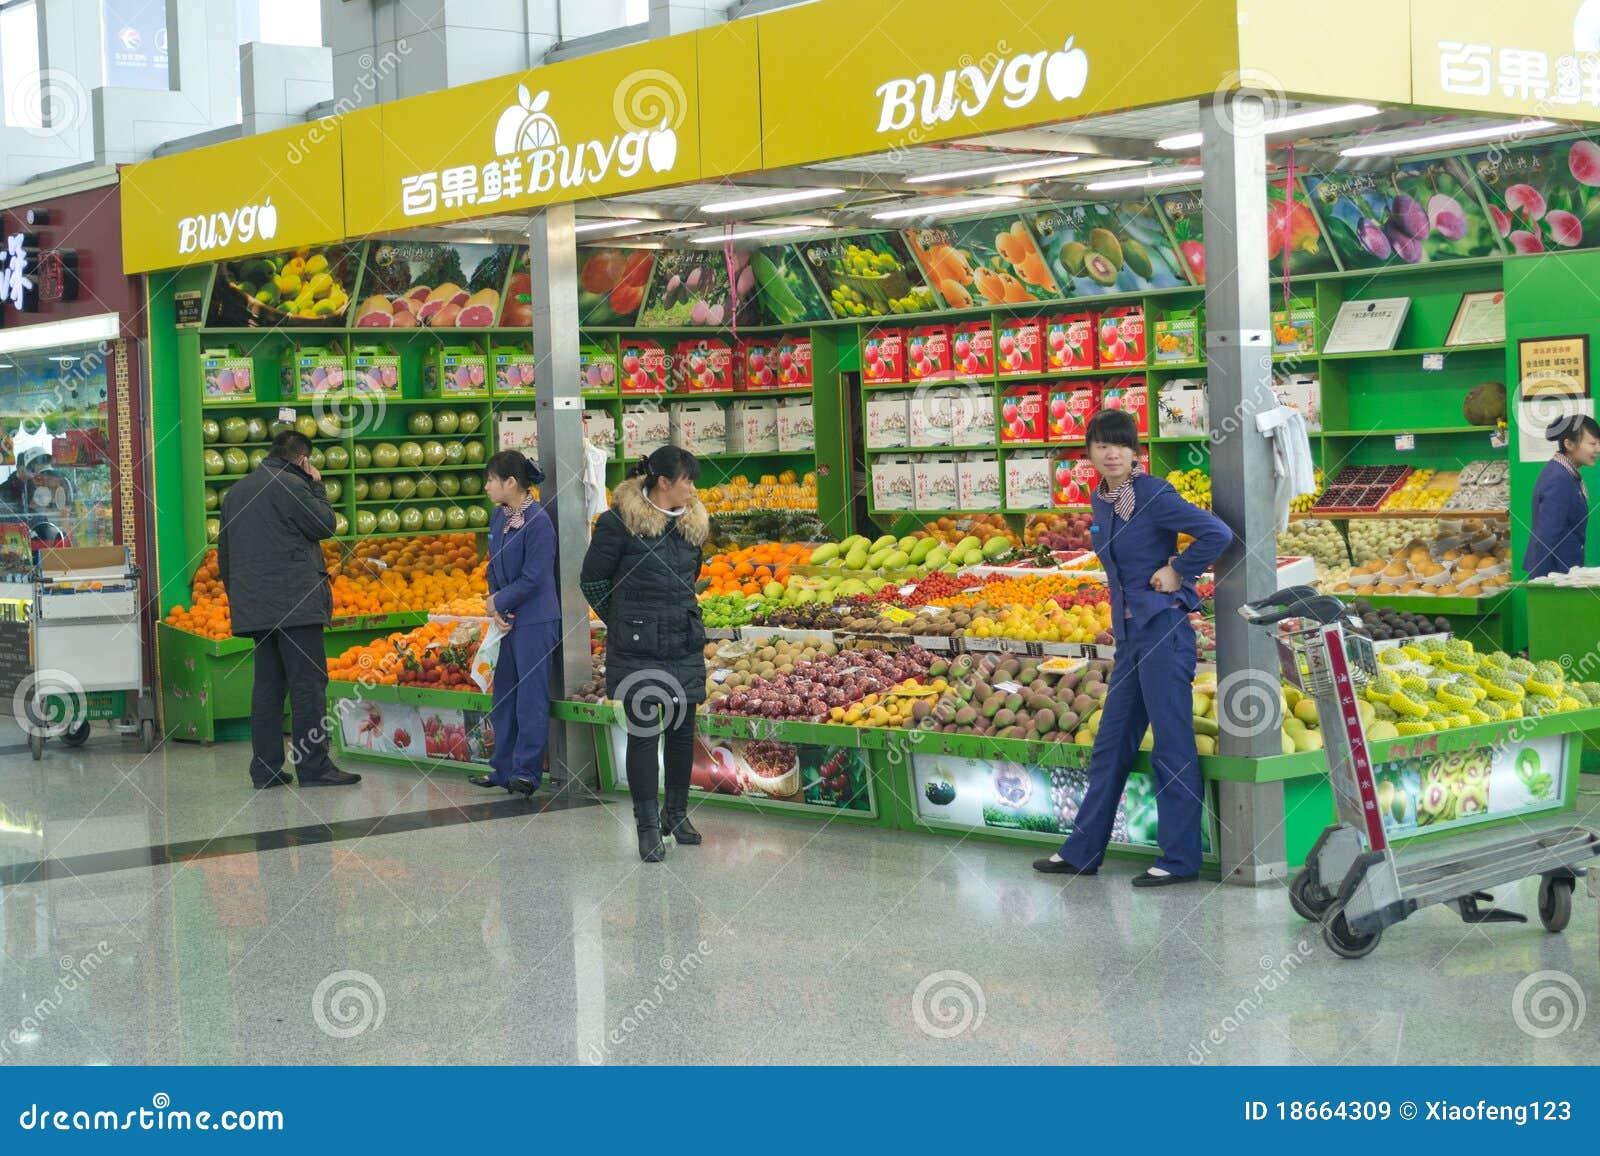 Comestibles - Sexo Sentido Tienda Ertica